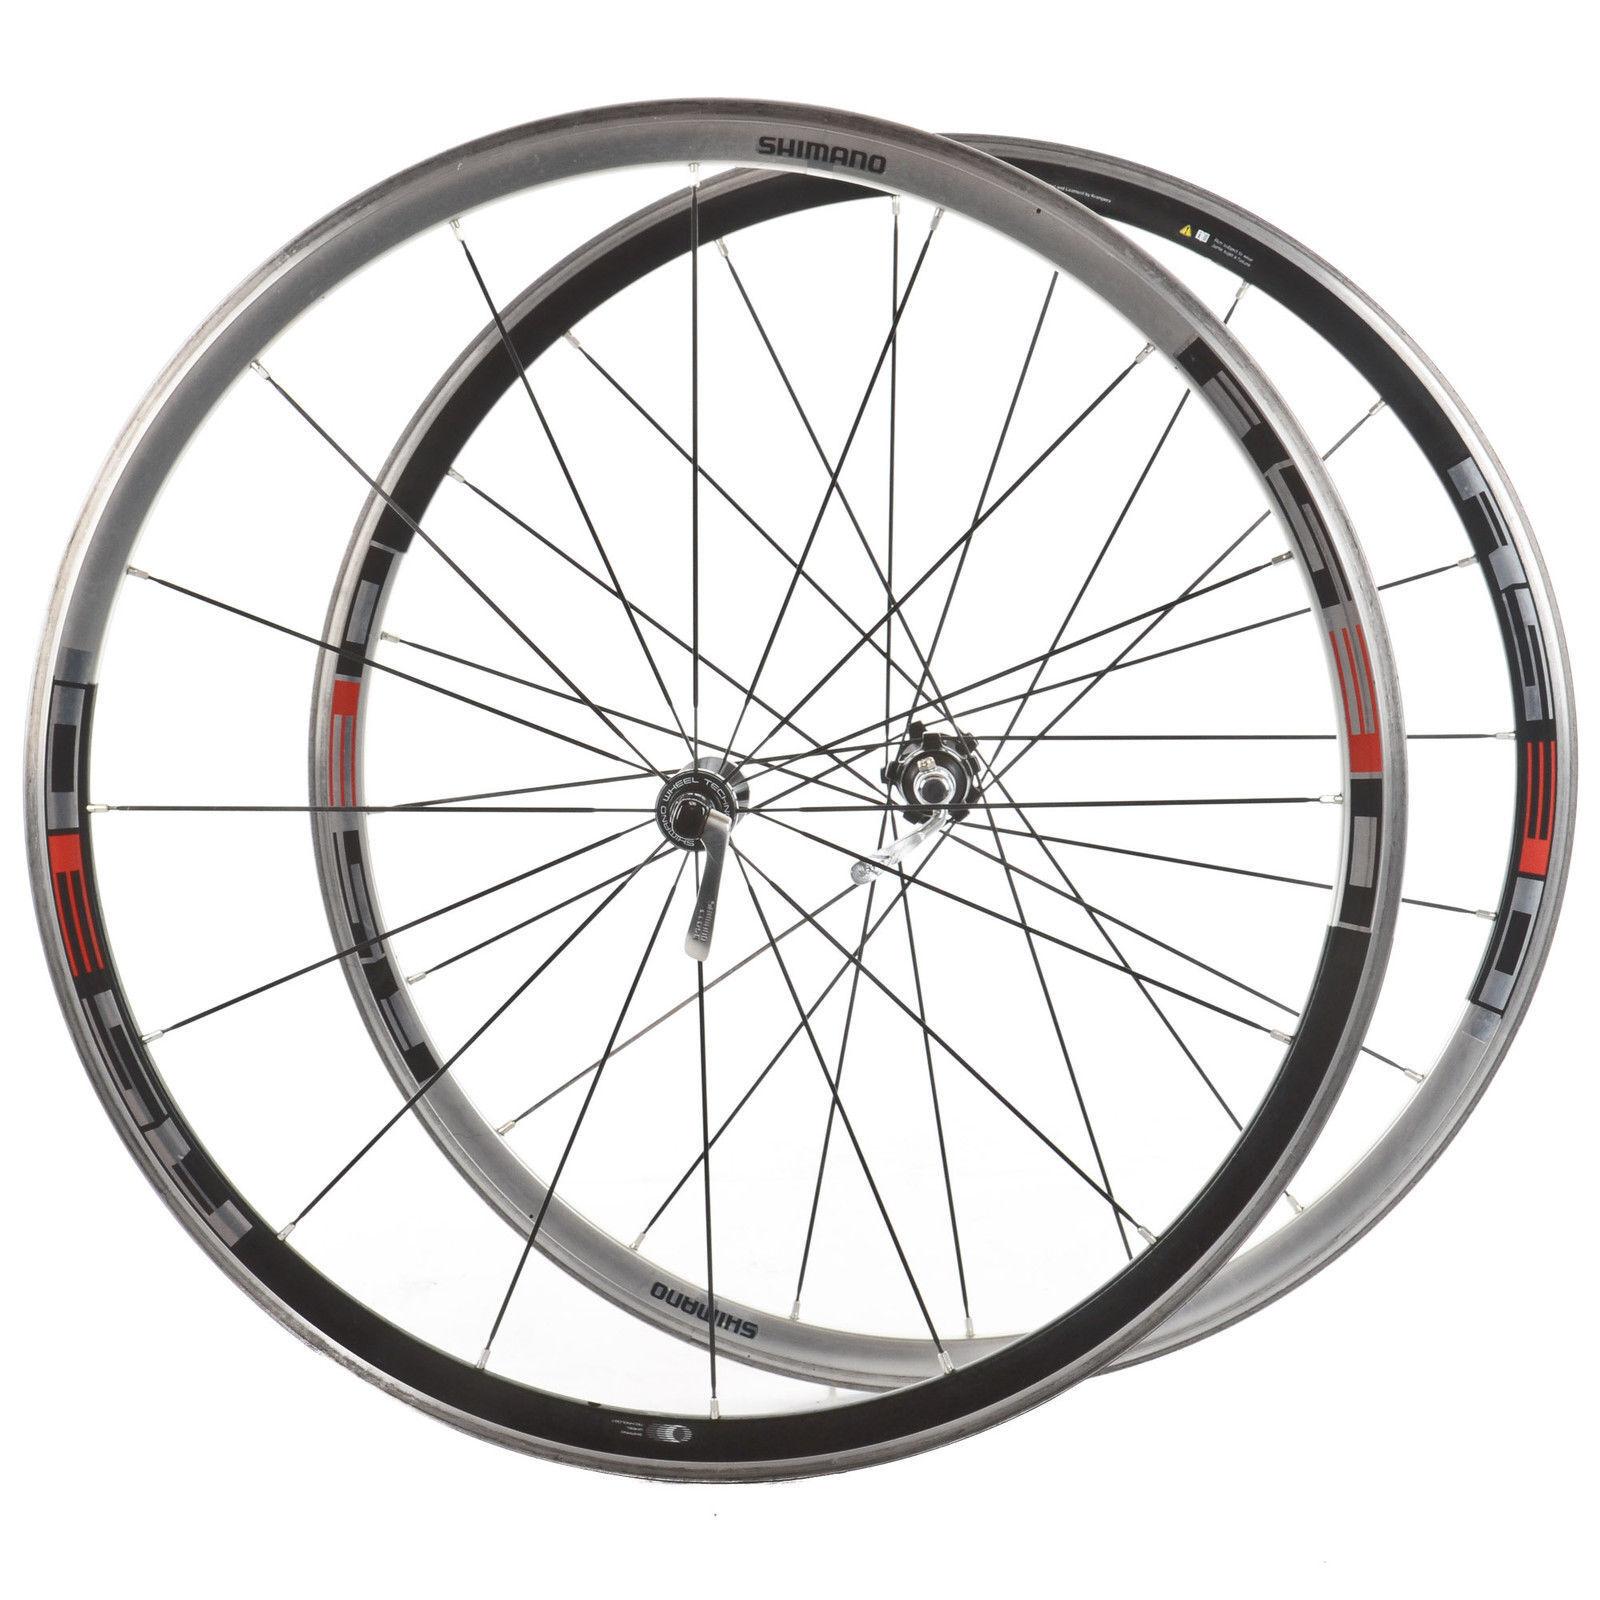 Best Wheel Upgrade For Giant Defy 1 Ebay